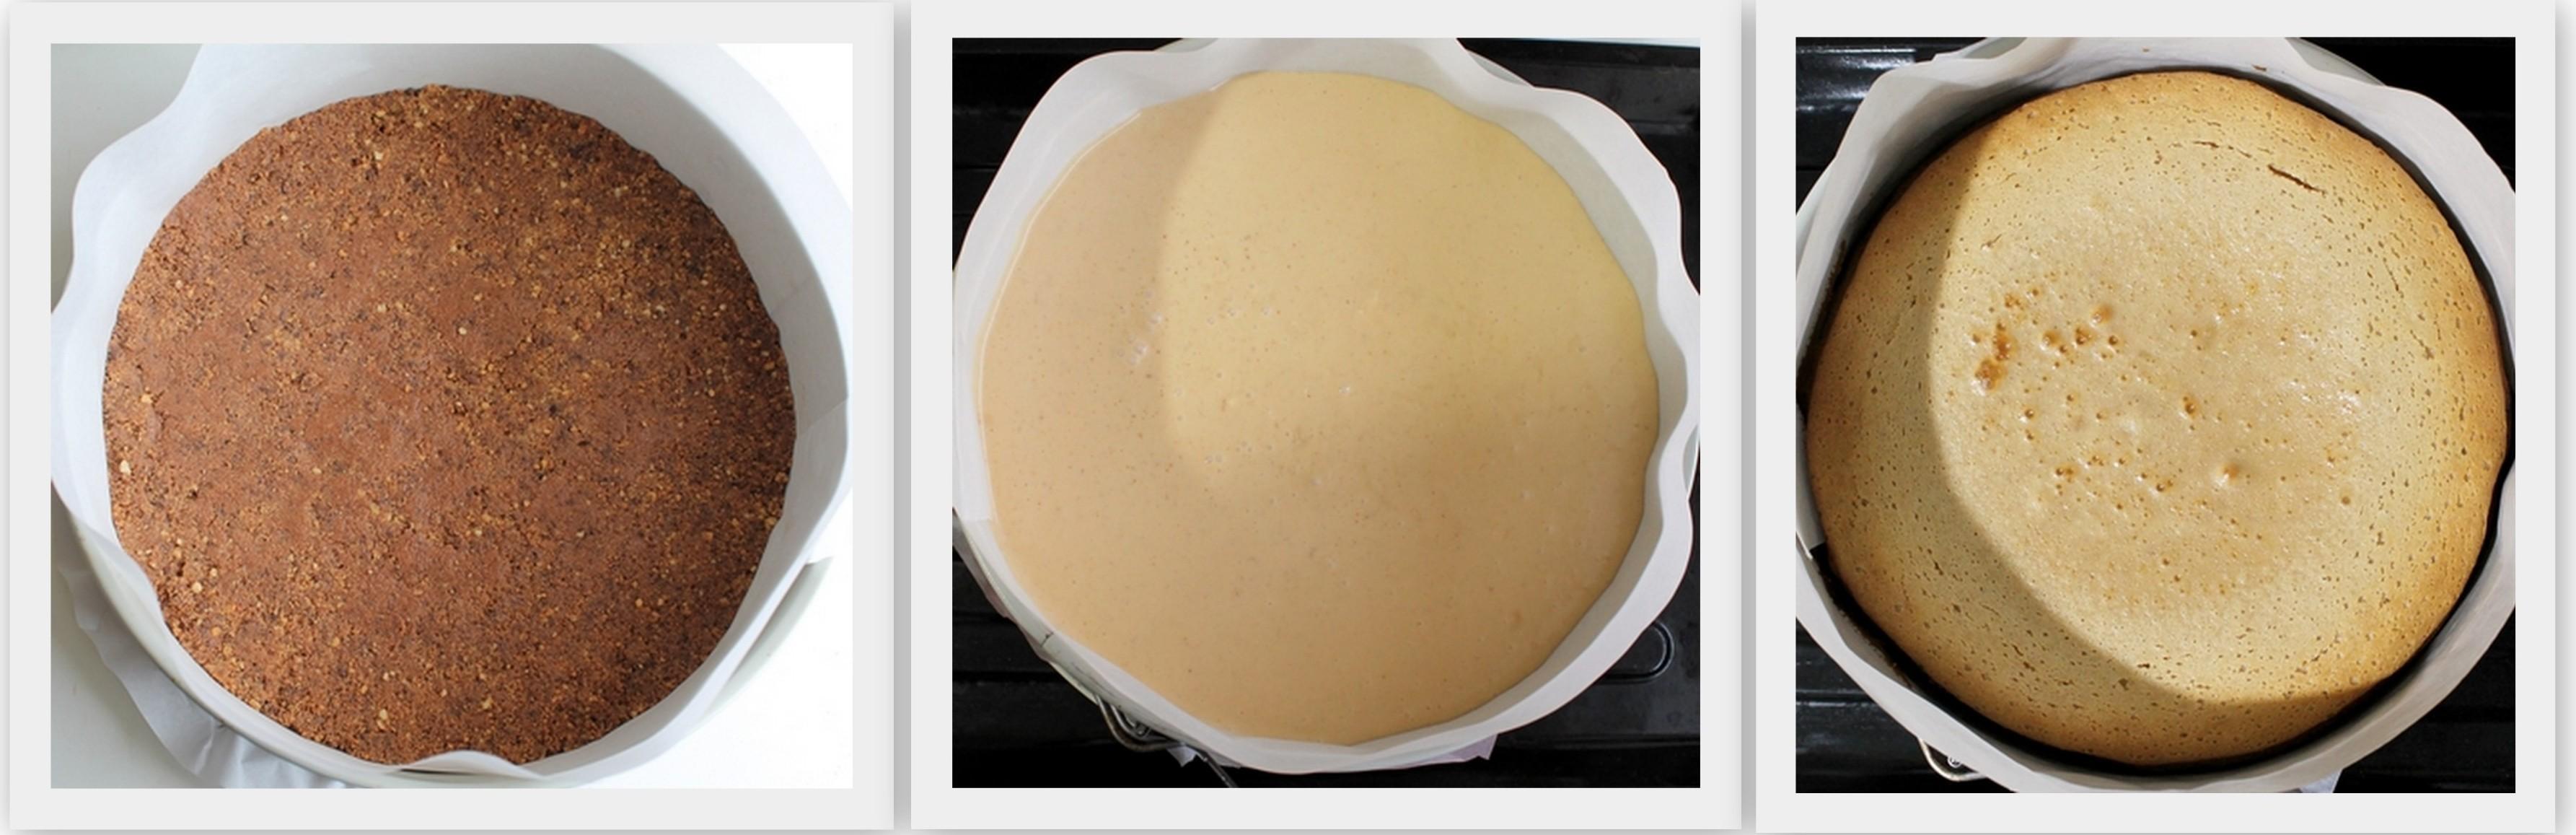 Cheesecake au beurre d'arachide et chocolat - La Cassata